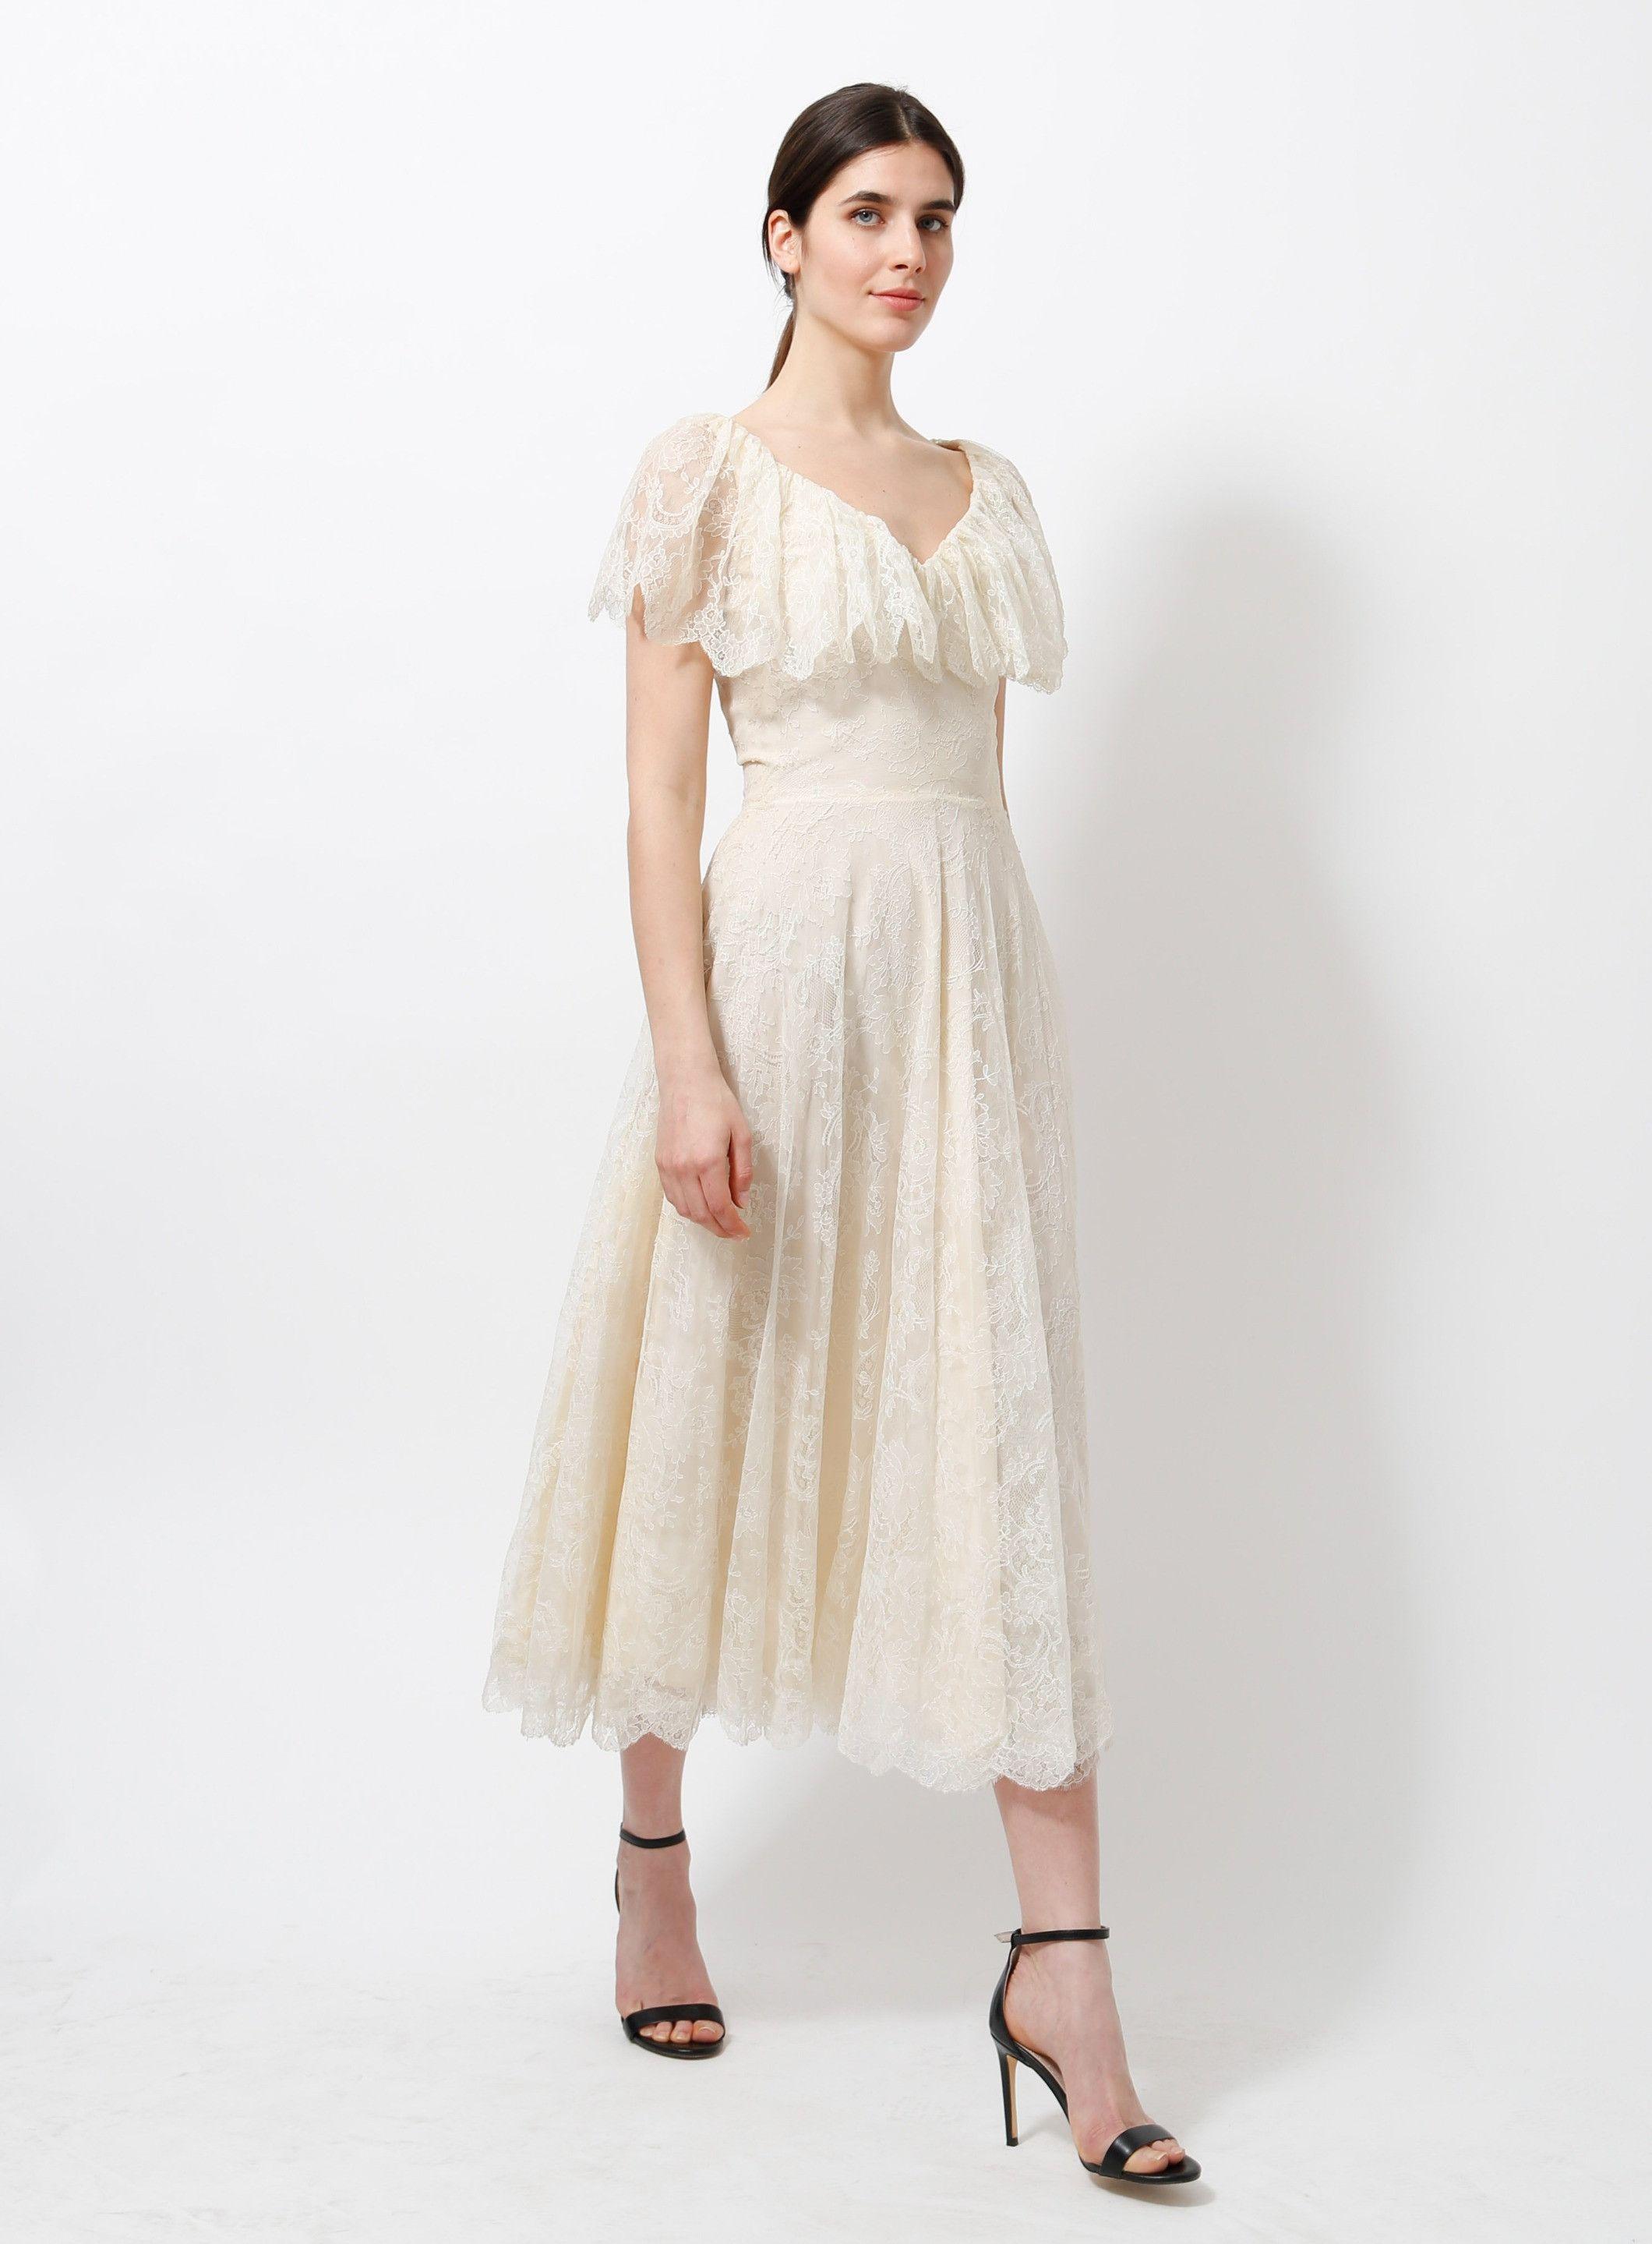 80s Ruffled Lace Dress Dresses Lace Dress Lace Dress Vintage [ 2879 x 2120 Pixel ]